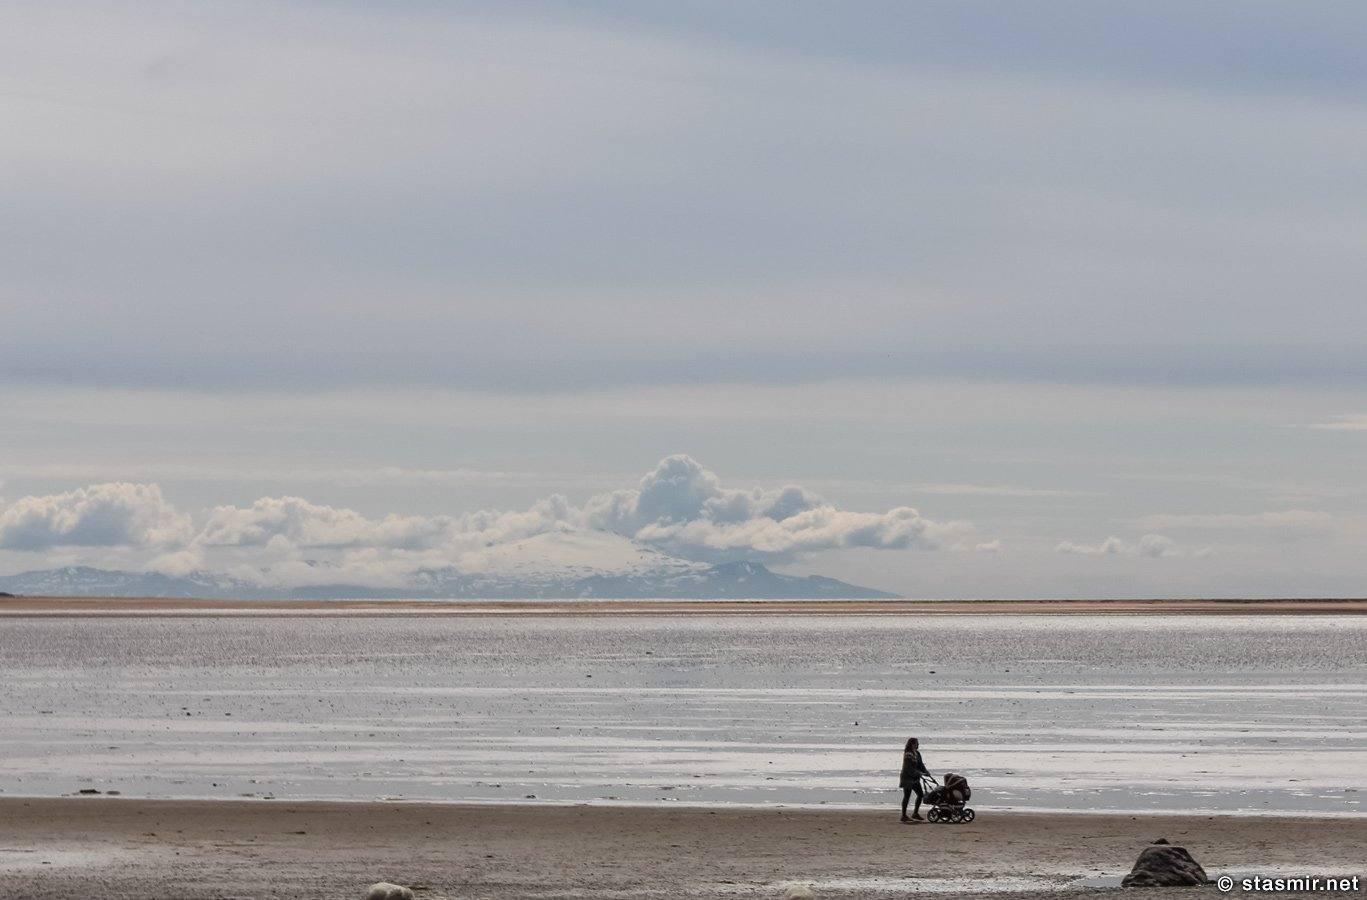 дама с коляской в Западных Фьордах Исландии, Вестфирдир, Vestfirðir, West Fjords, PATREKFJORDUR, фото Станислав Смирнов, фото Стасмир, photo Stasmir, photo Stanislav Smirnov,